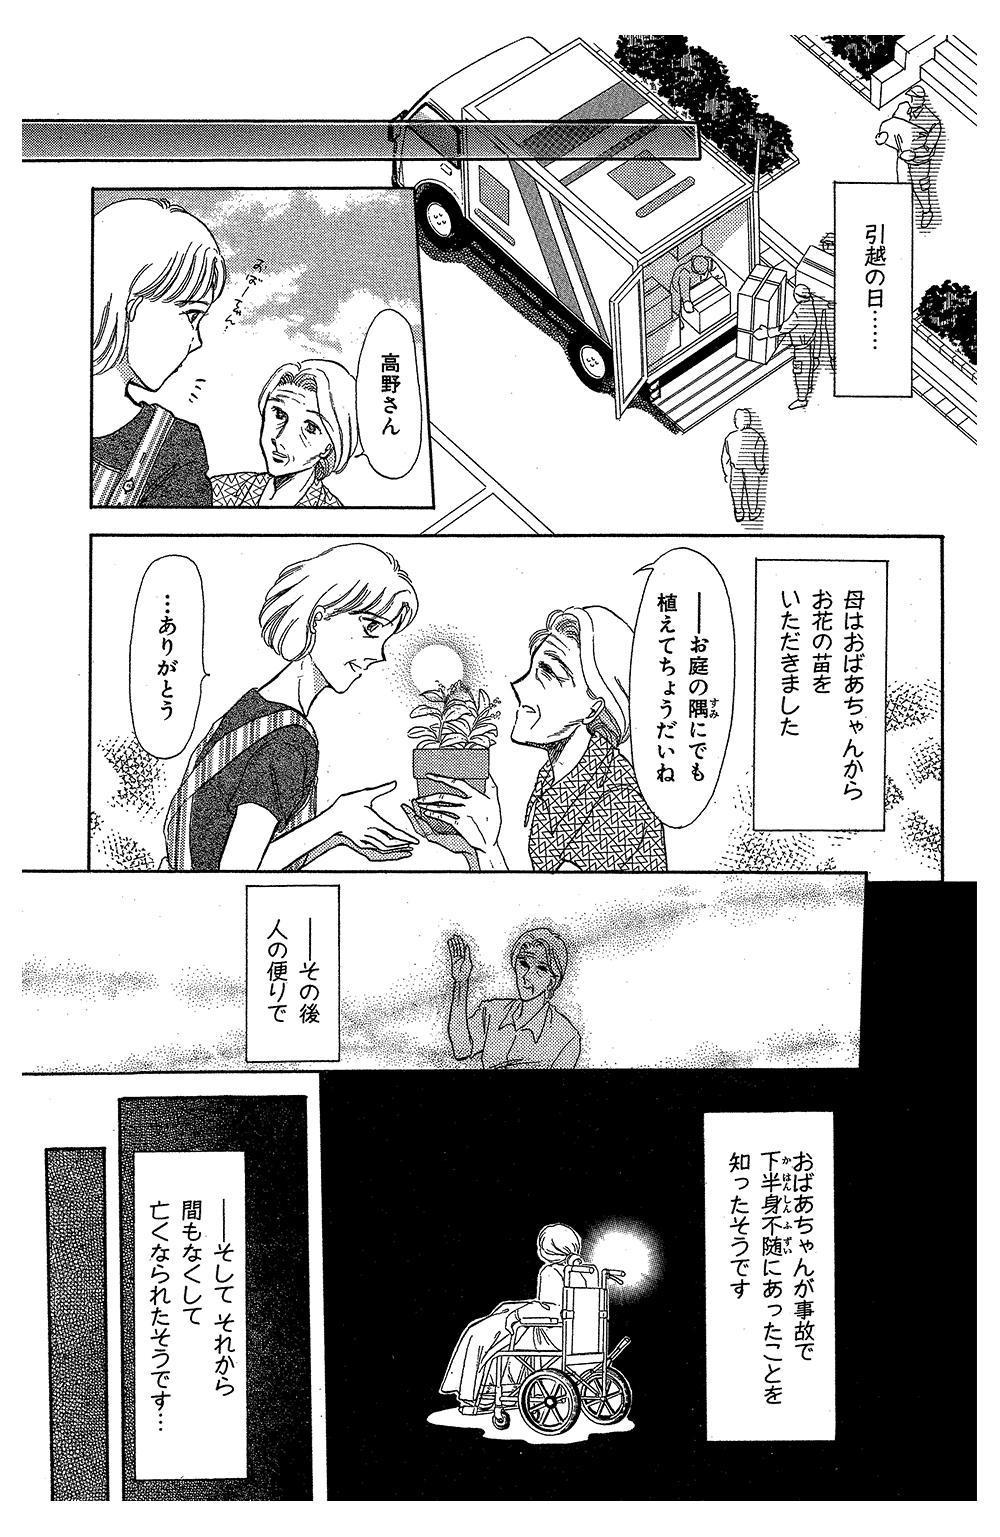 霊感ママシリーズ 第1話「花の陰影」①reikan05.jpg